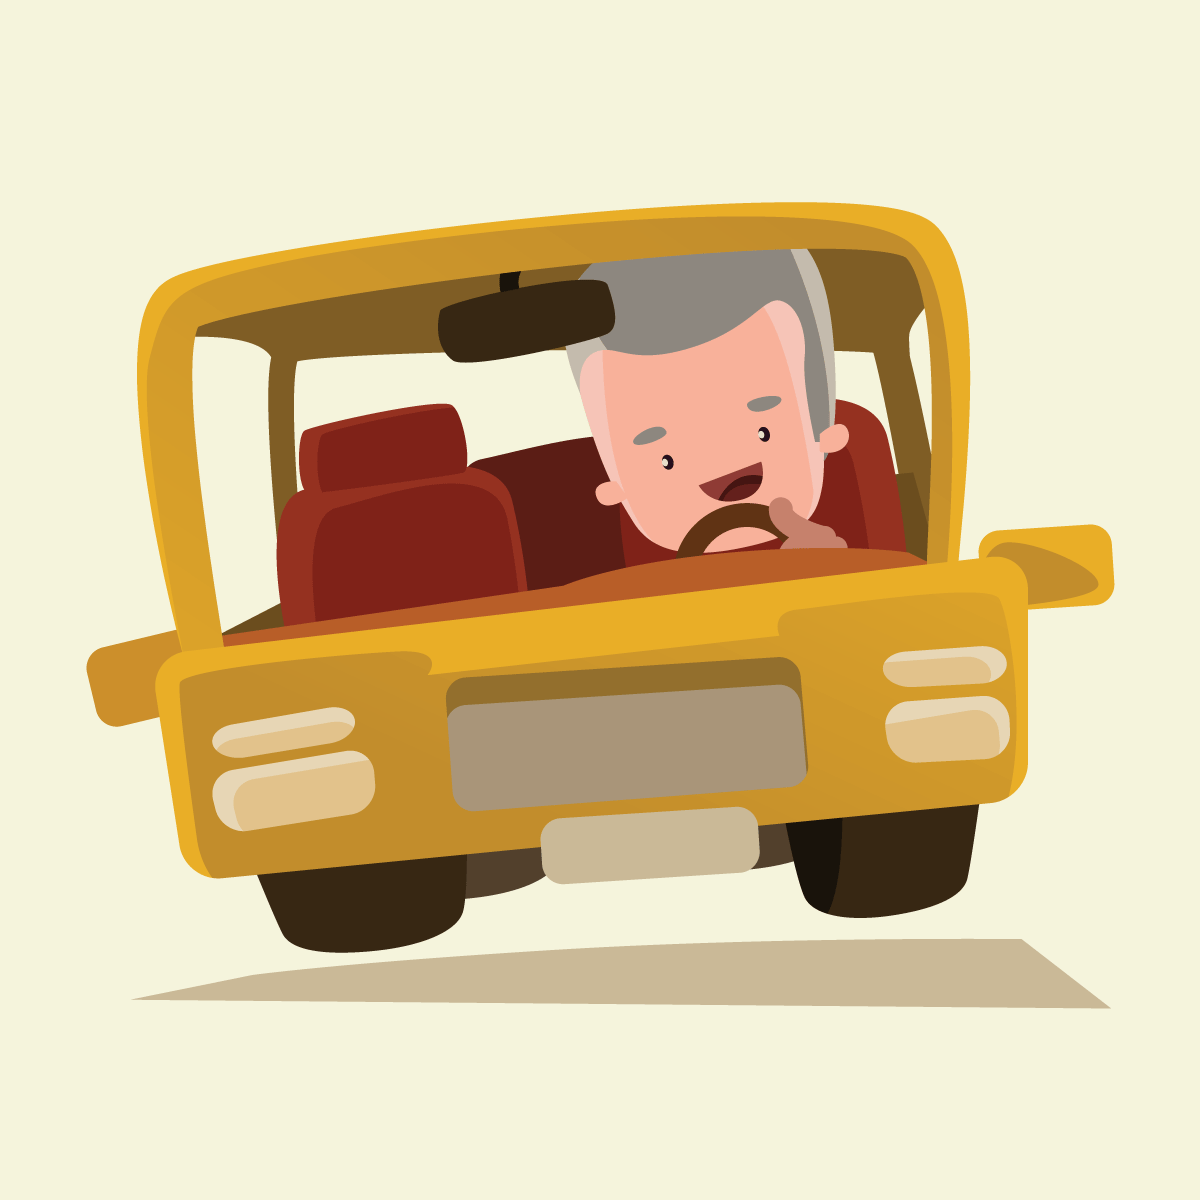 Анекдот про то, как старичок двух грозных амбалов подвозил